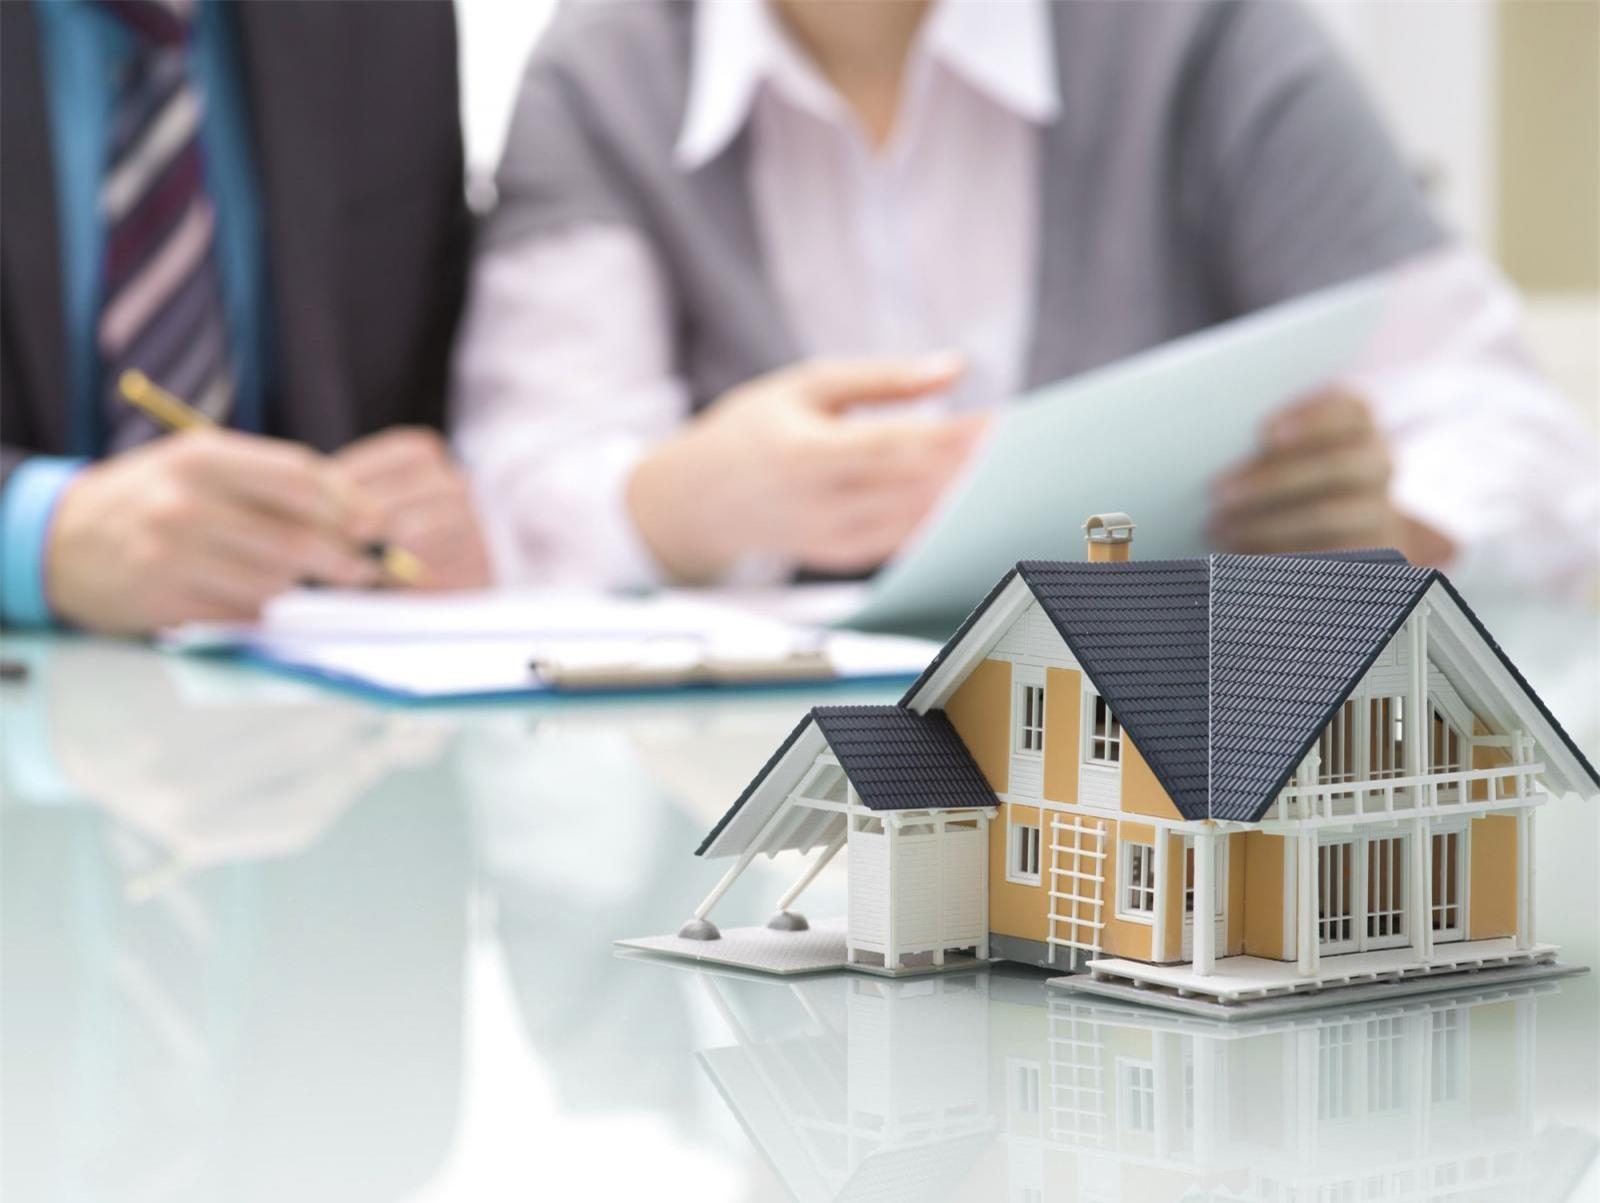 4 lỗi sai khi mua nhà lần đầu bạn cần tránh - Ảnh 3.